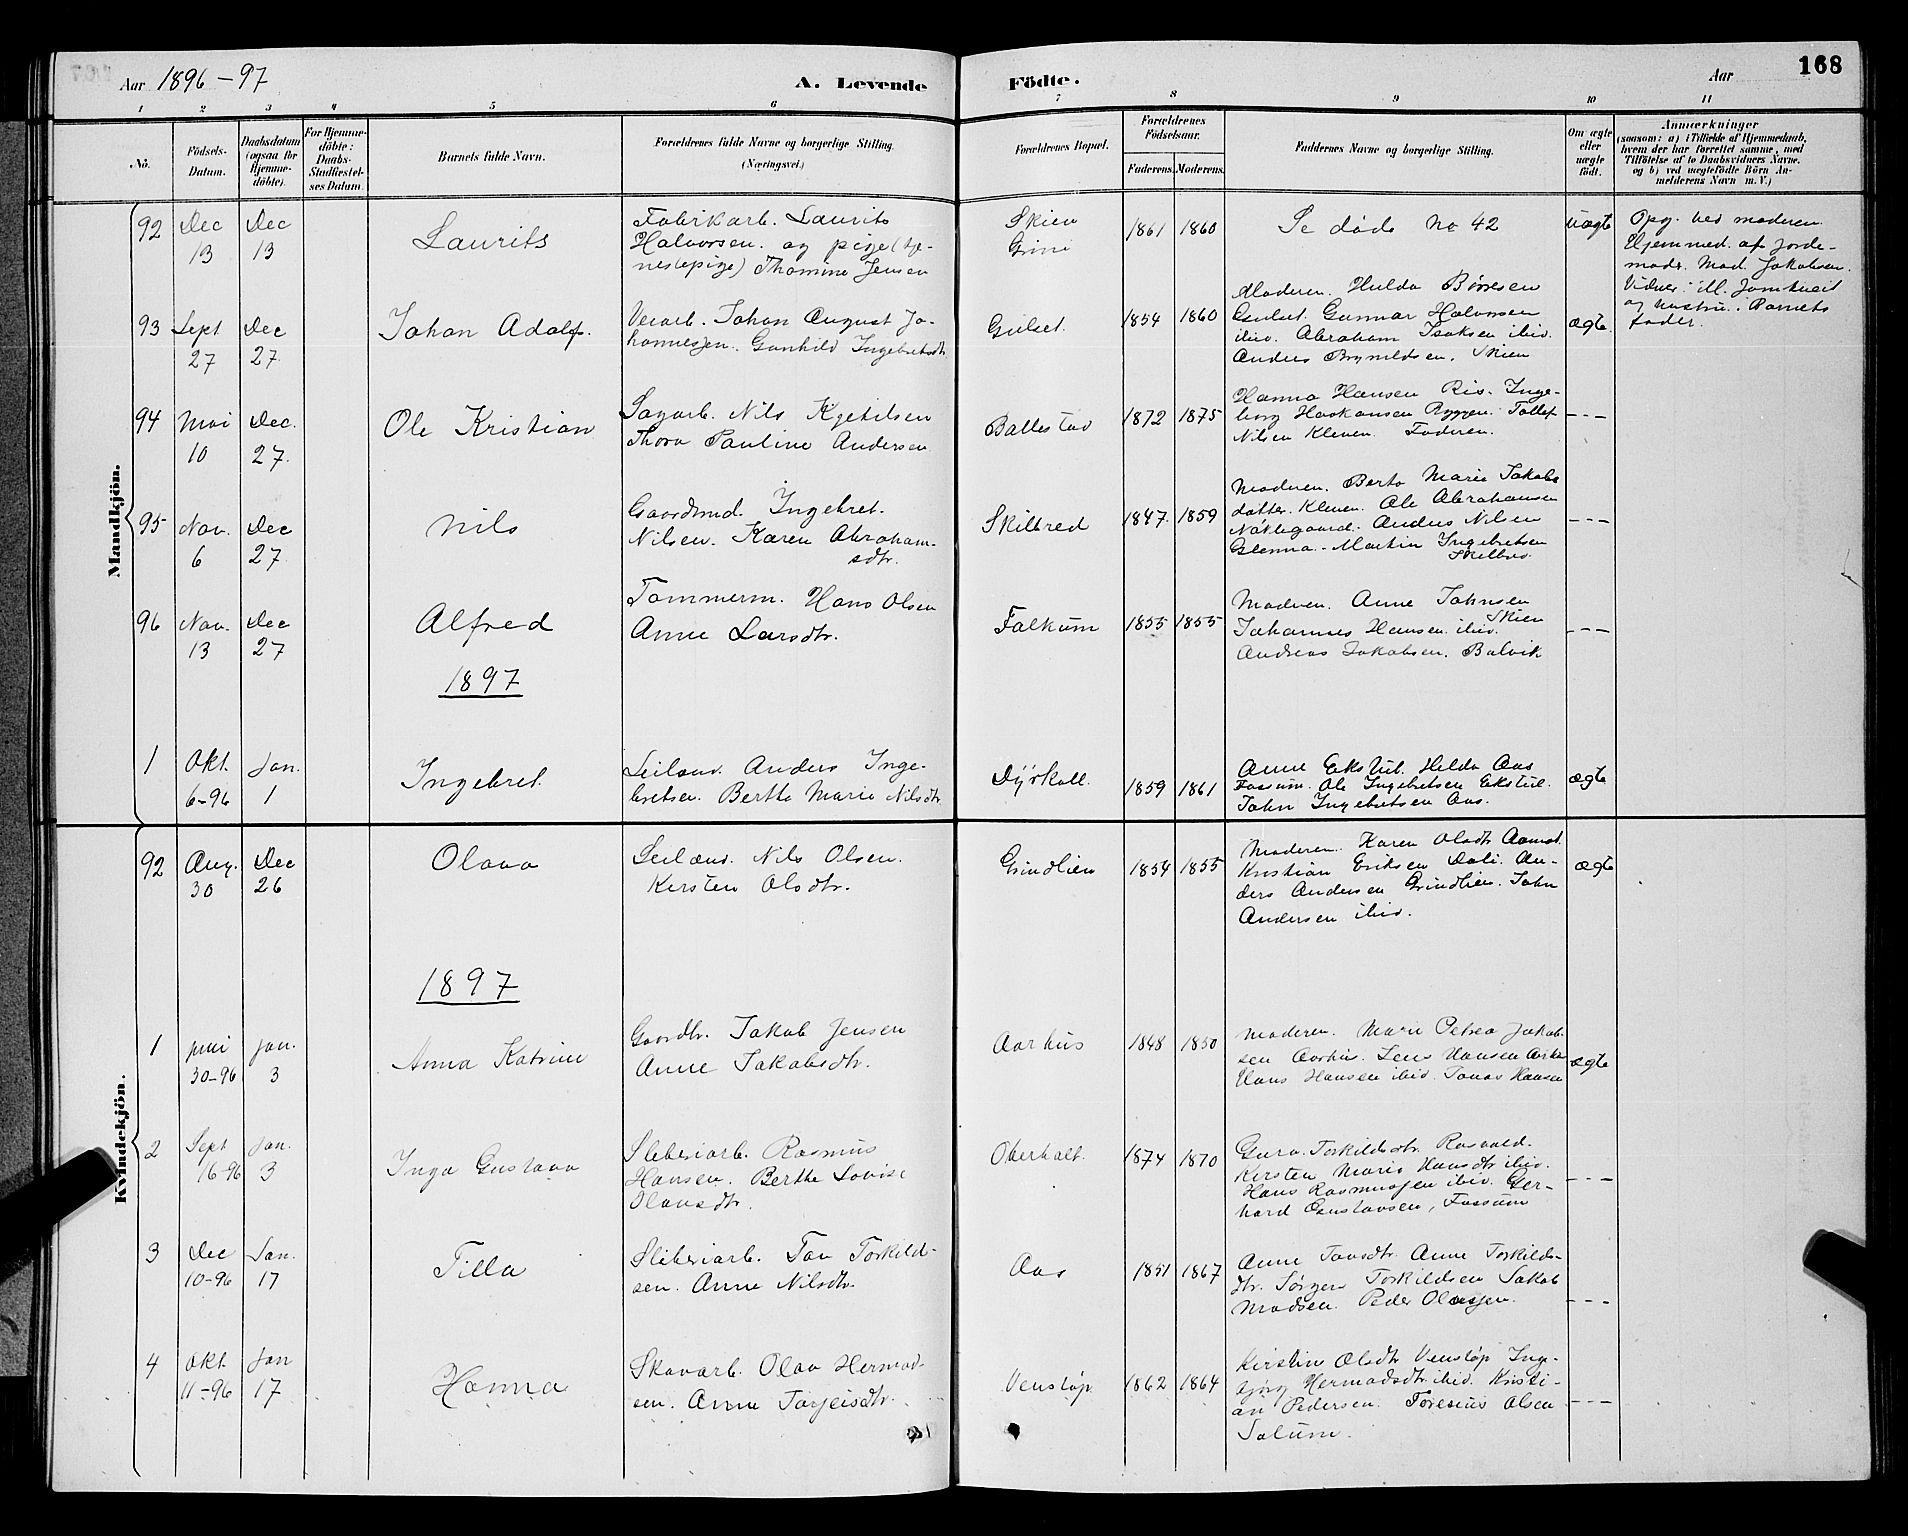 SAKO, Gjerpen kirkebøker, G/Ga/L0002: Klokkerbok nr. I 2, 1883-1900, s. 168